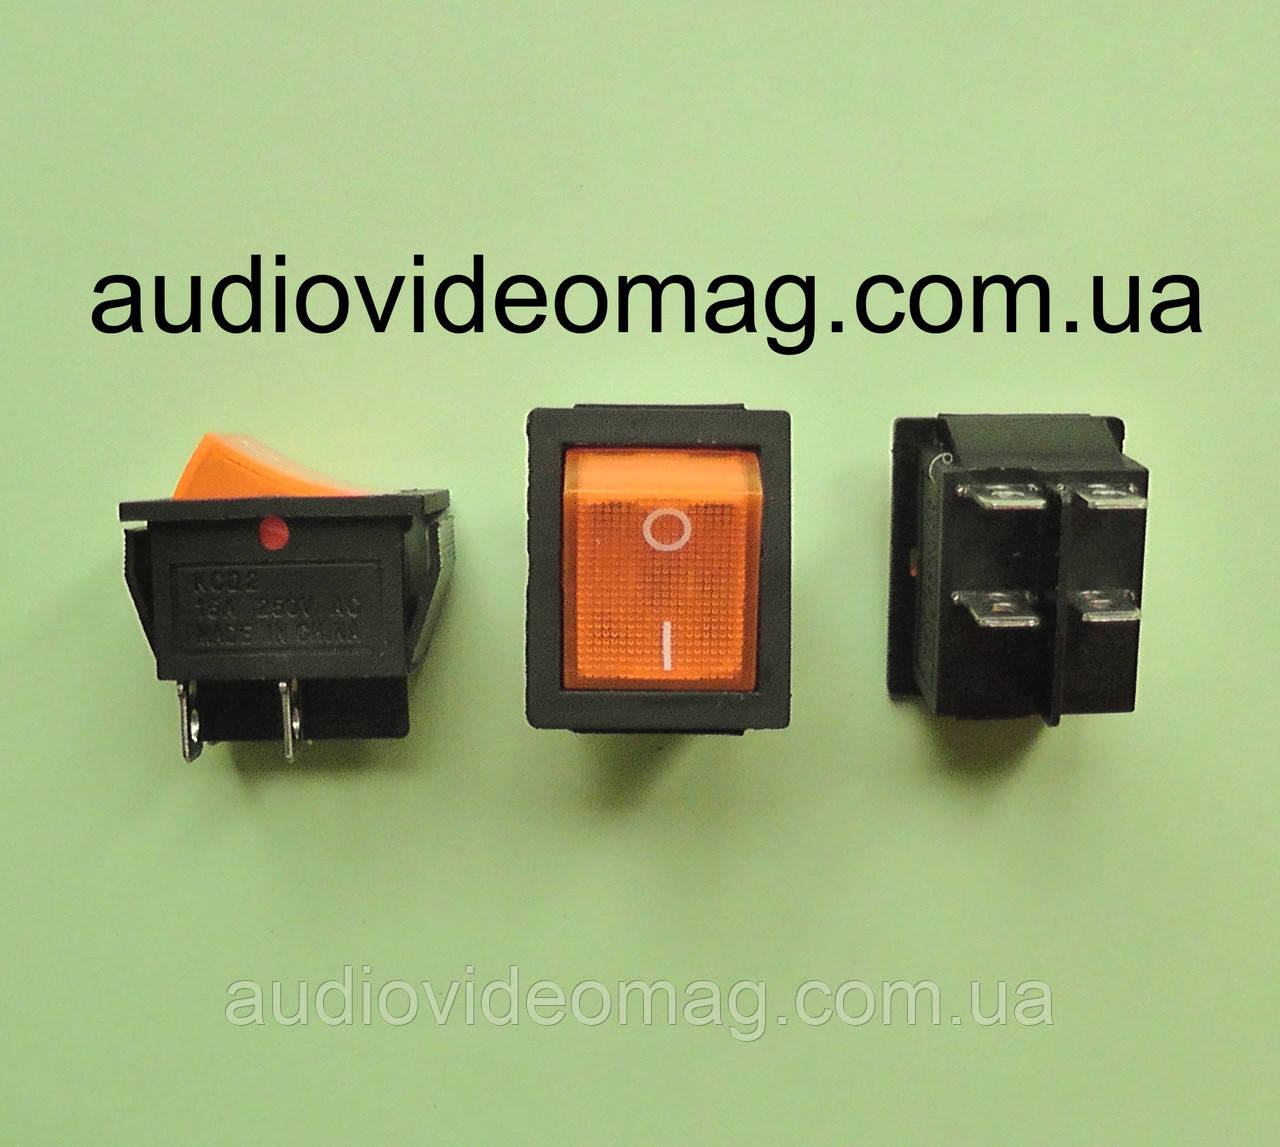 Кнопочный выключатель 28.5 х 22 мм, 250V 15А , цвет клавиши - оранжевый